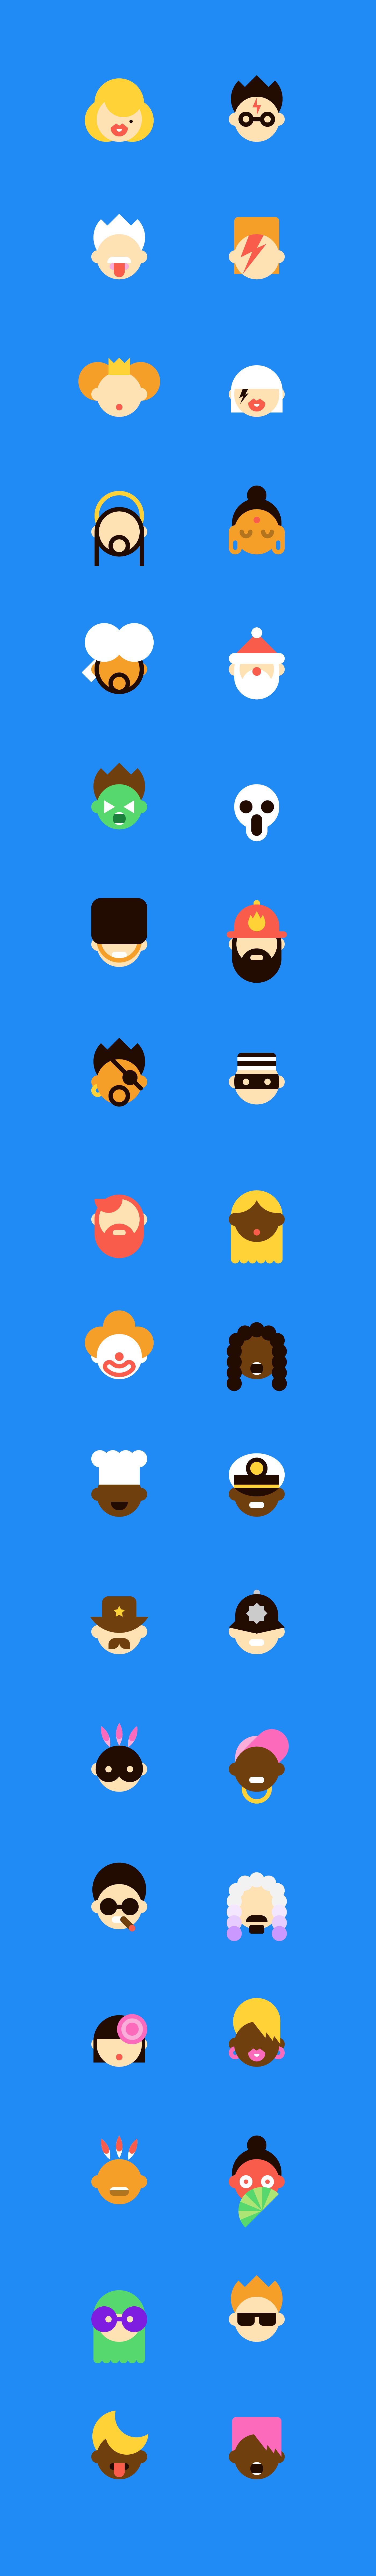 emojis-02